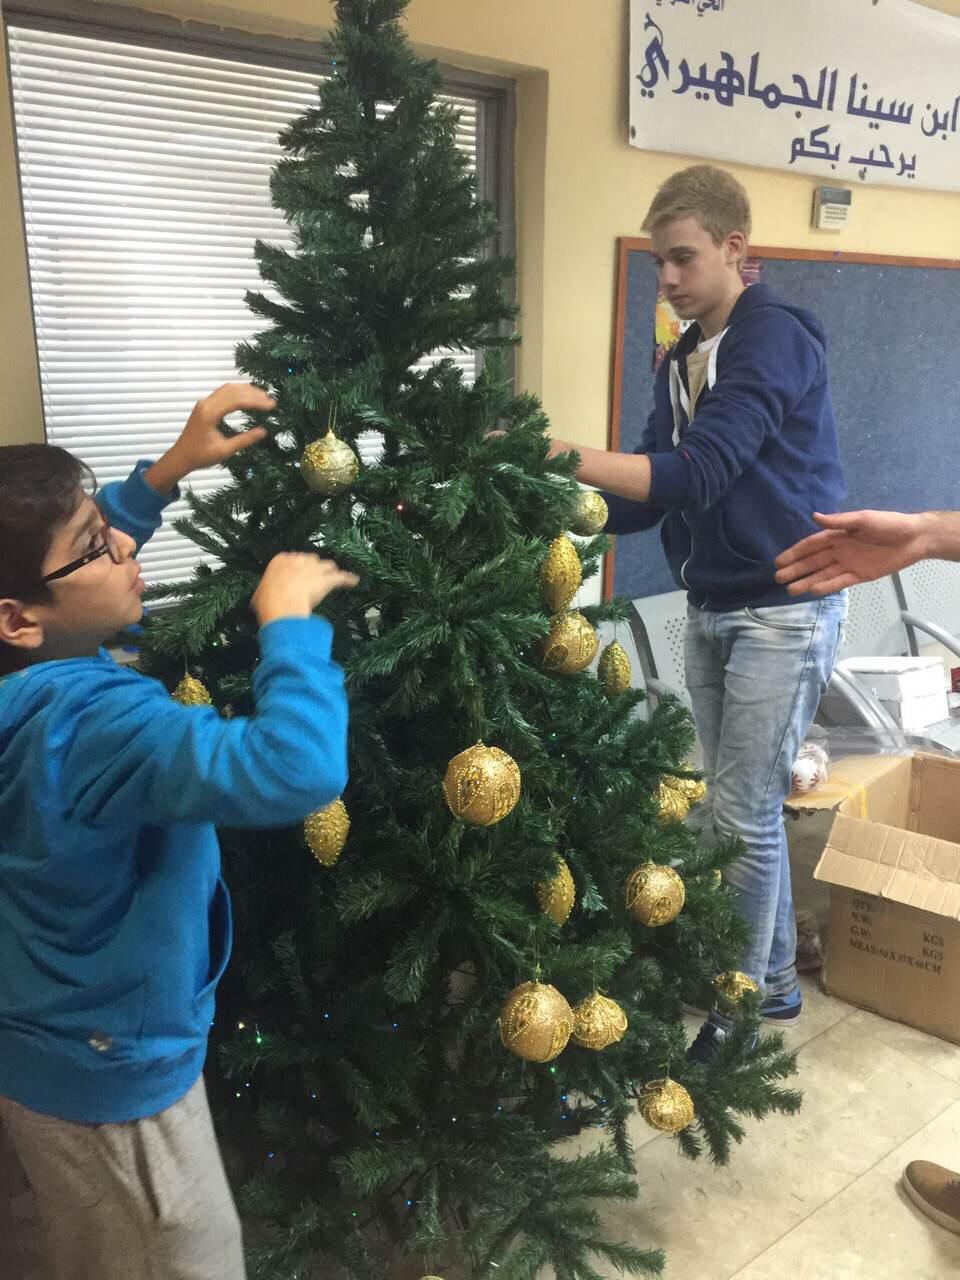 الناصرة: مركز ابن سينا الجماهيري يستقبل عيد الميلاد المجيد